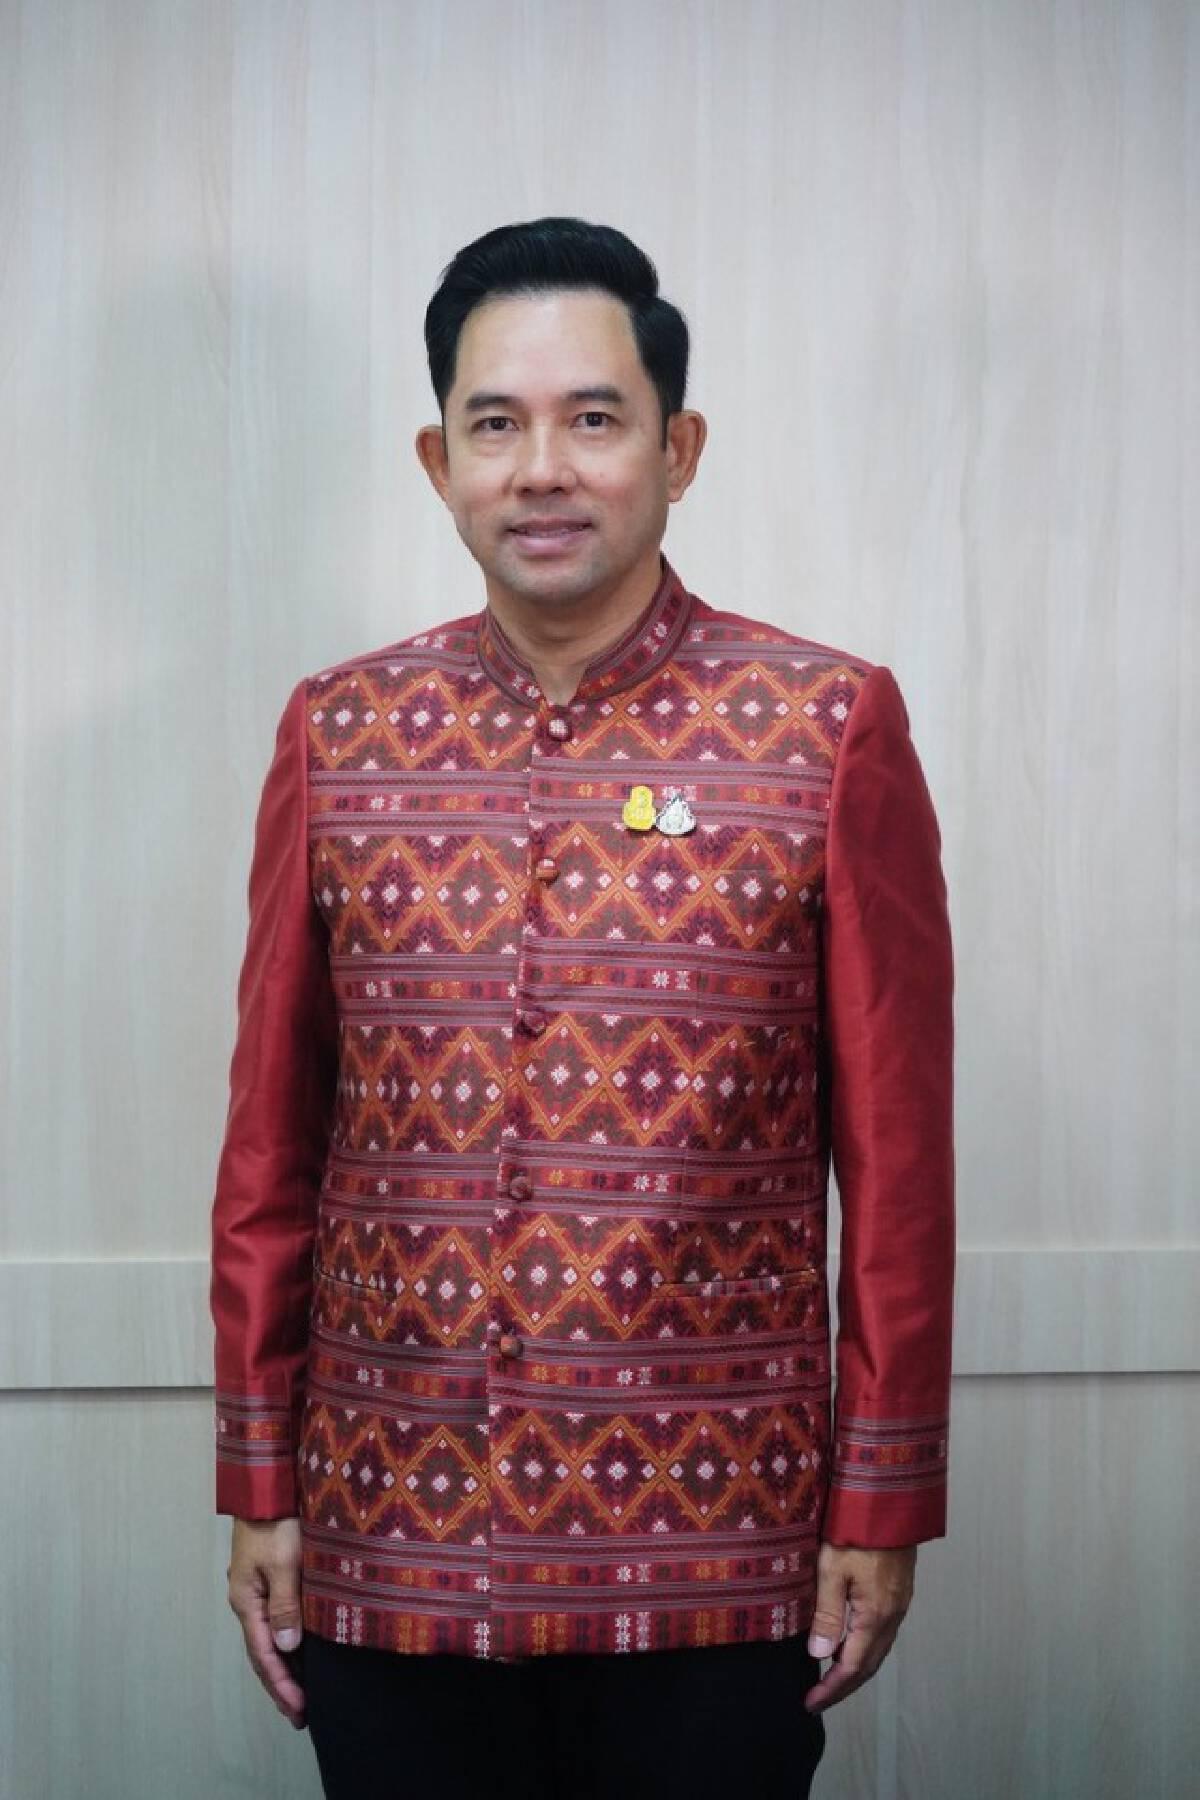 วธ.เดินหน้ารณรงค์ทุกจังหวัดใช้และสวมใส่ผ้าไทยในชีวิตประจำวัน